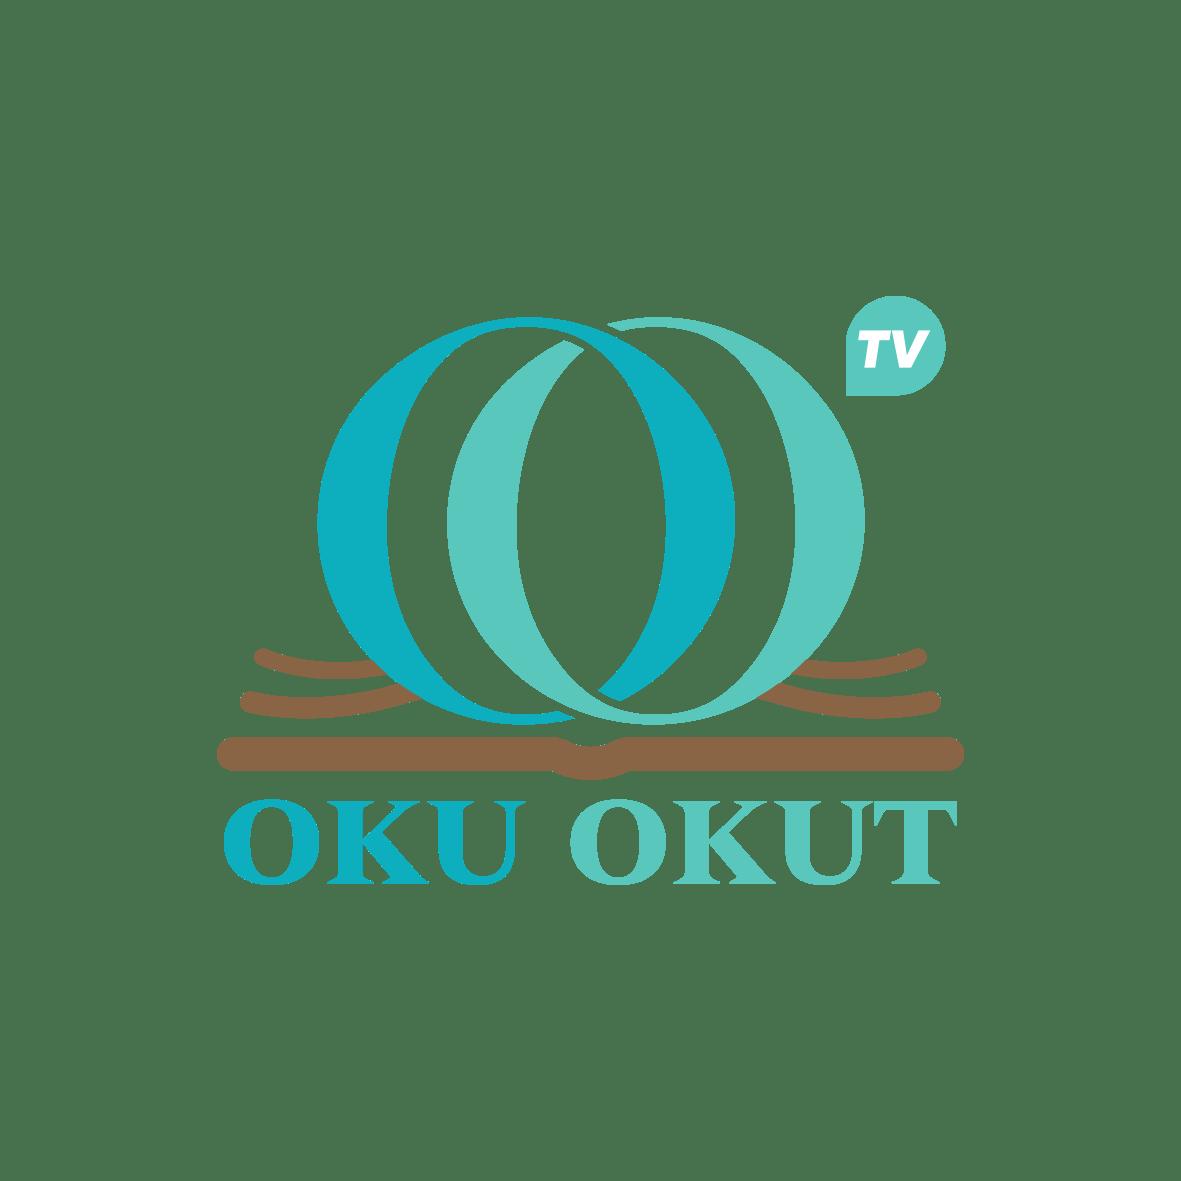 oku-okut-logo_tv